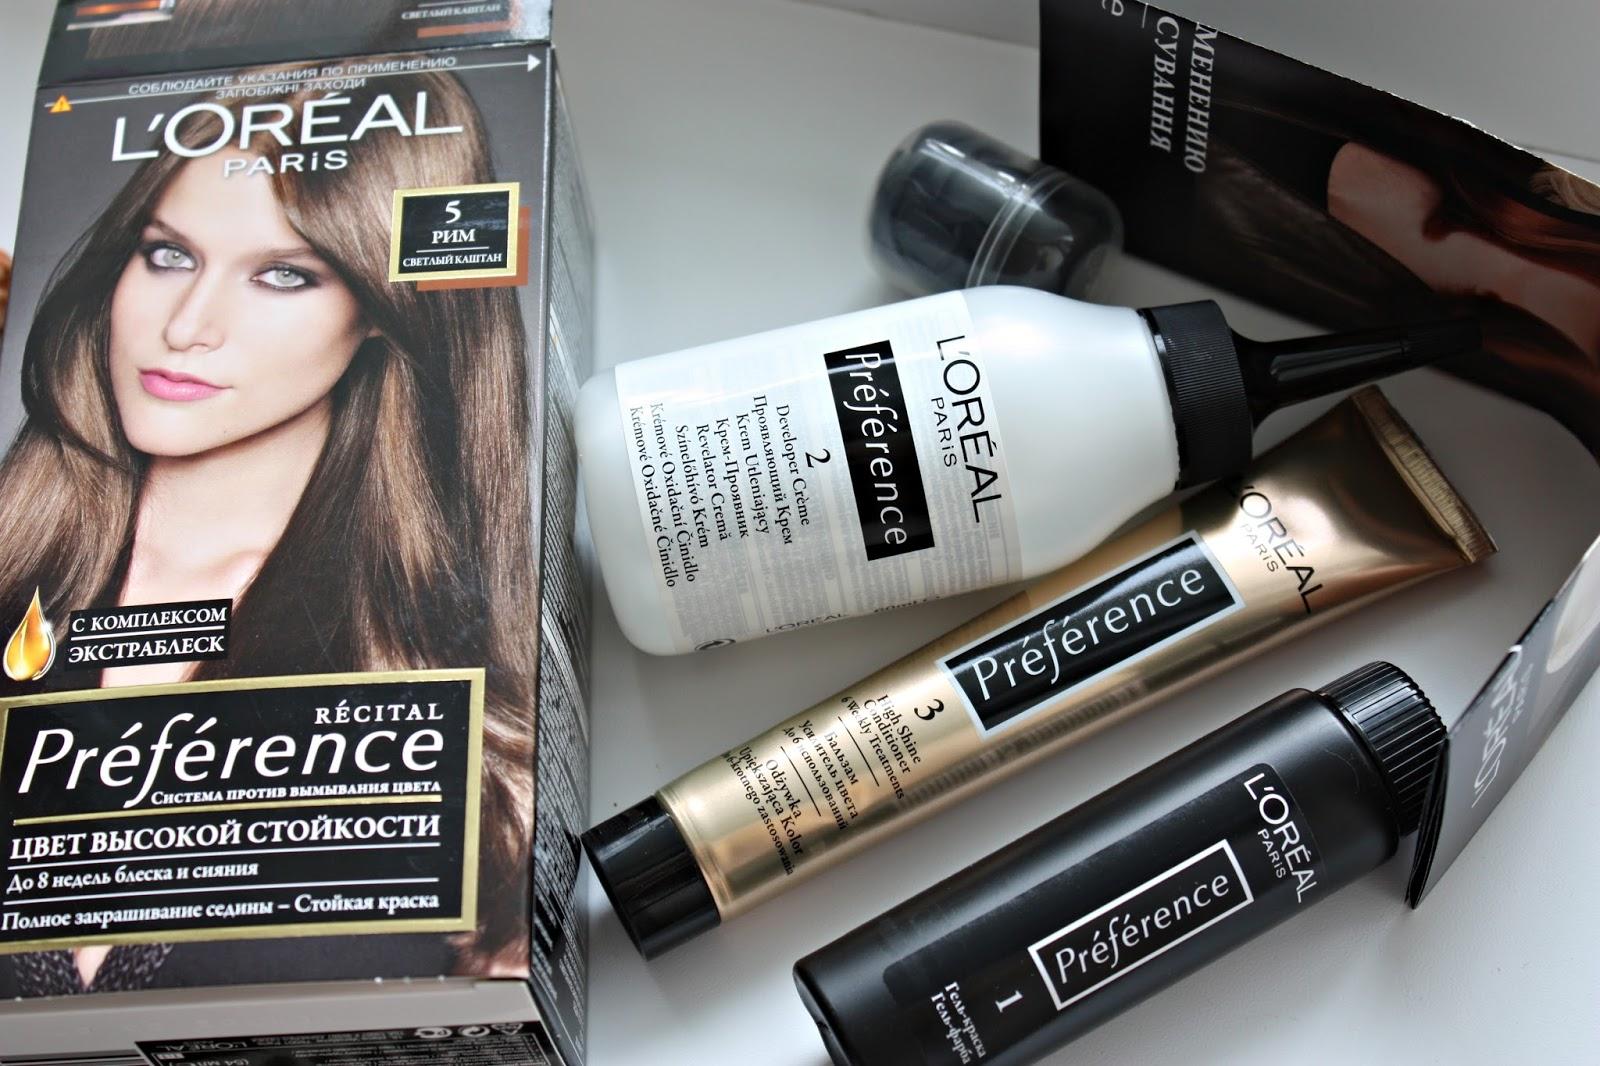 Лореаль краска для волос официальный сайт